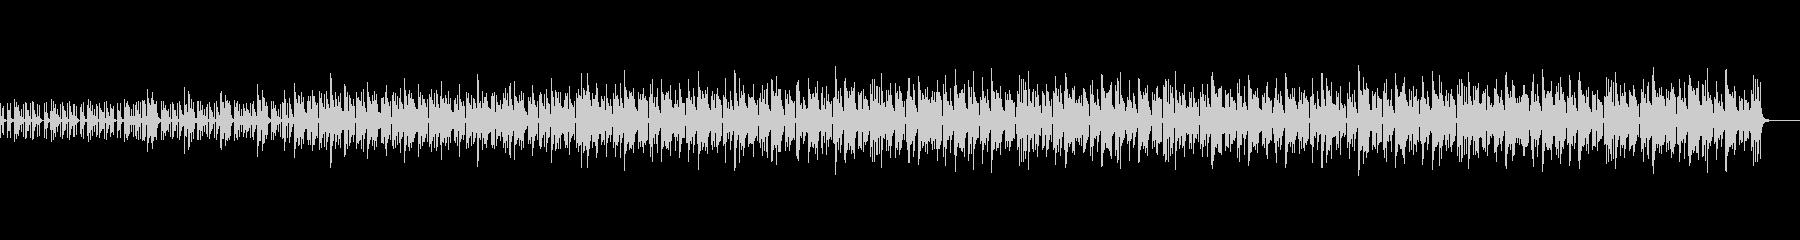 メロディにピアノやアコギを使用したサンバの未再生の波形